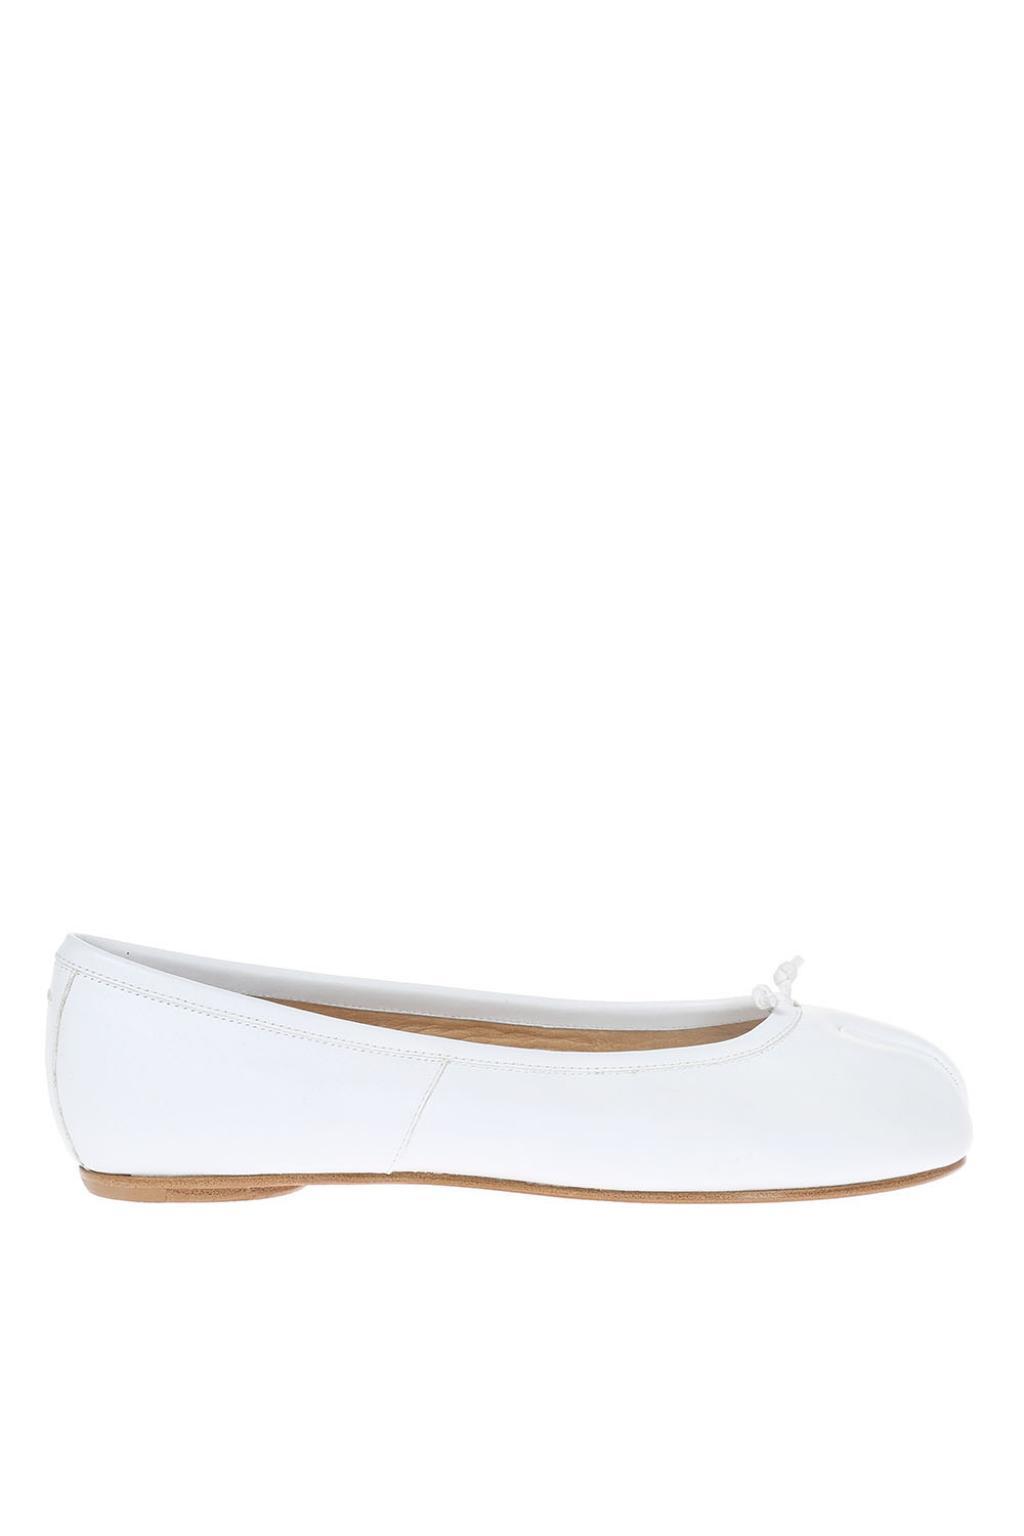 Tabi backless slippers - White Maison Martin Margiela I0N9h8DCII